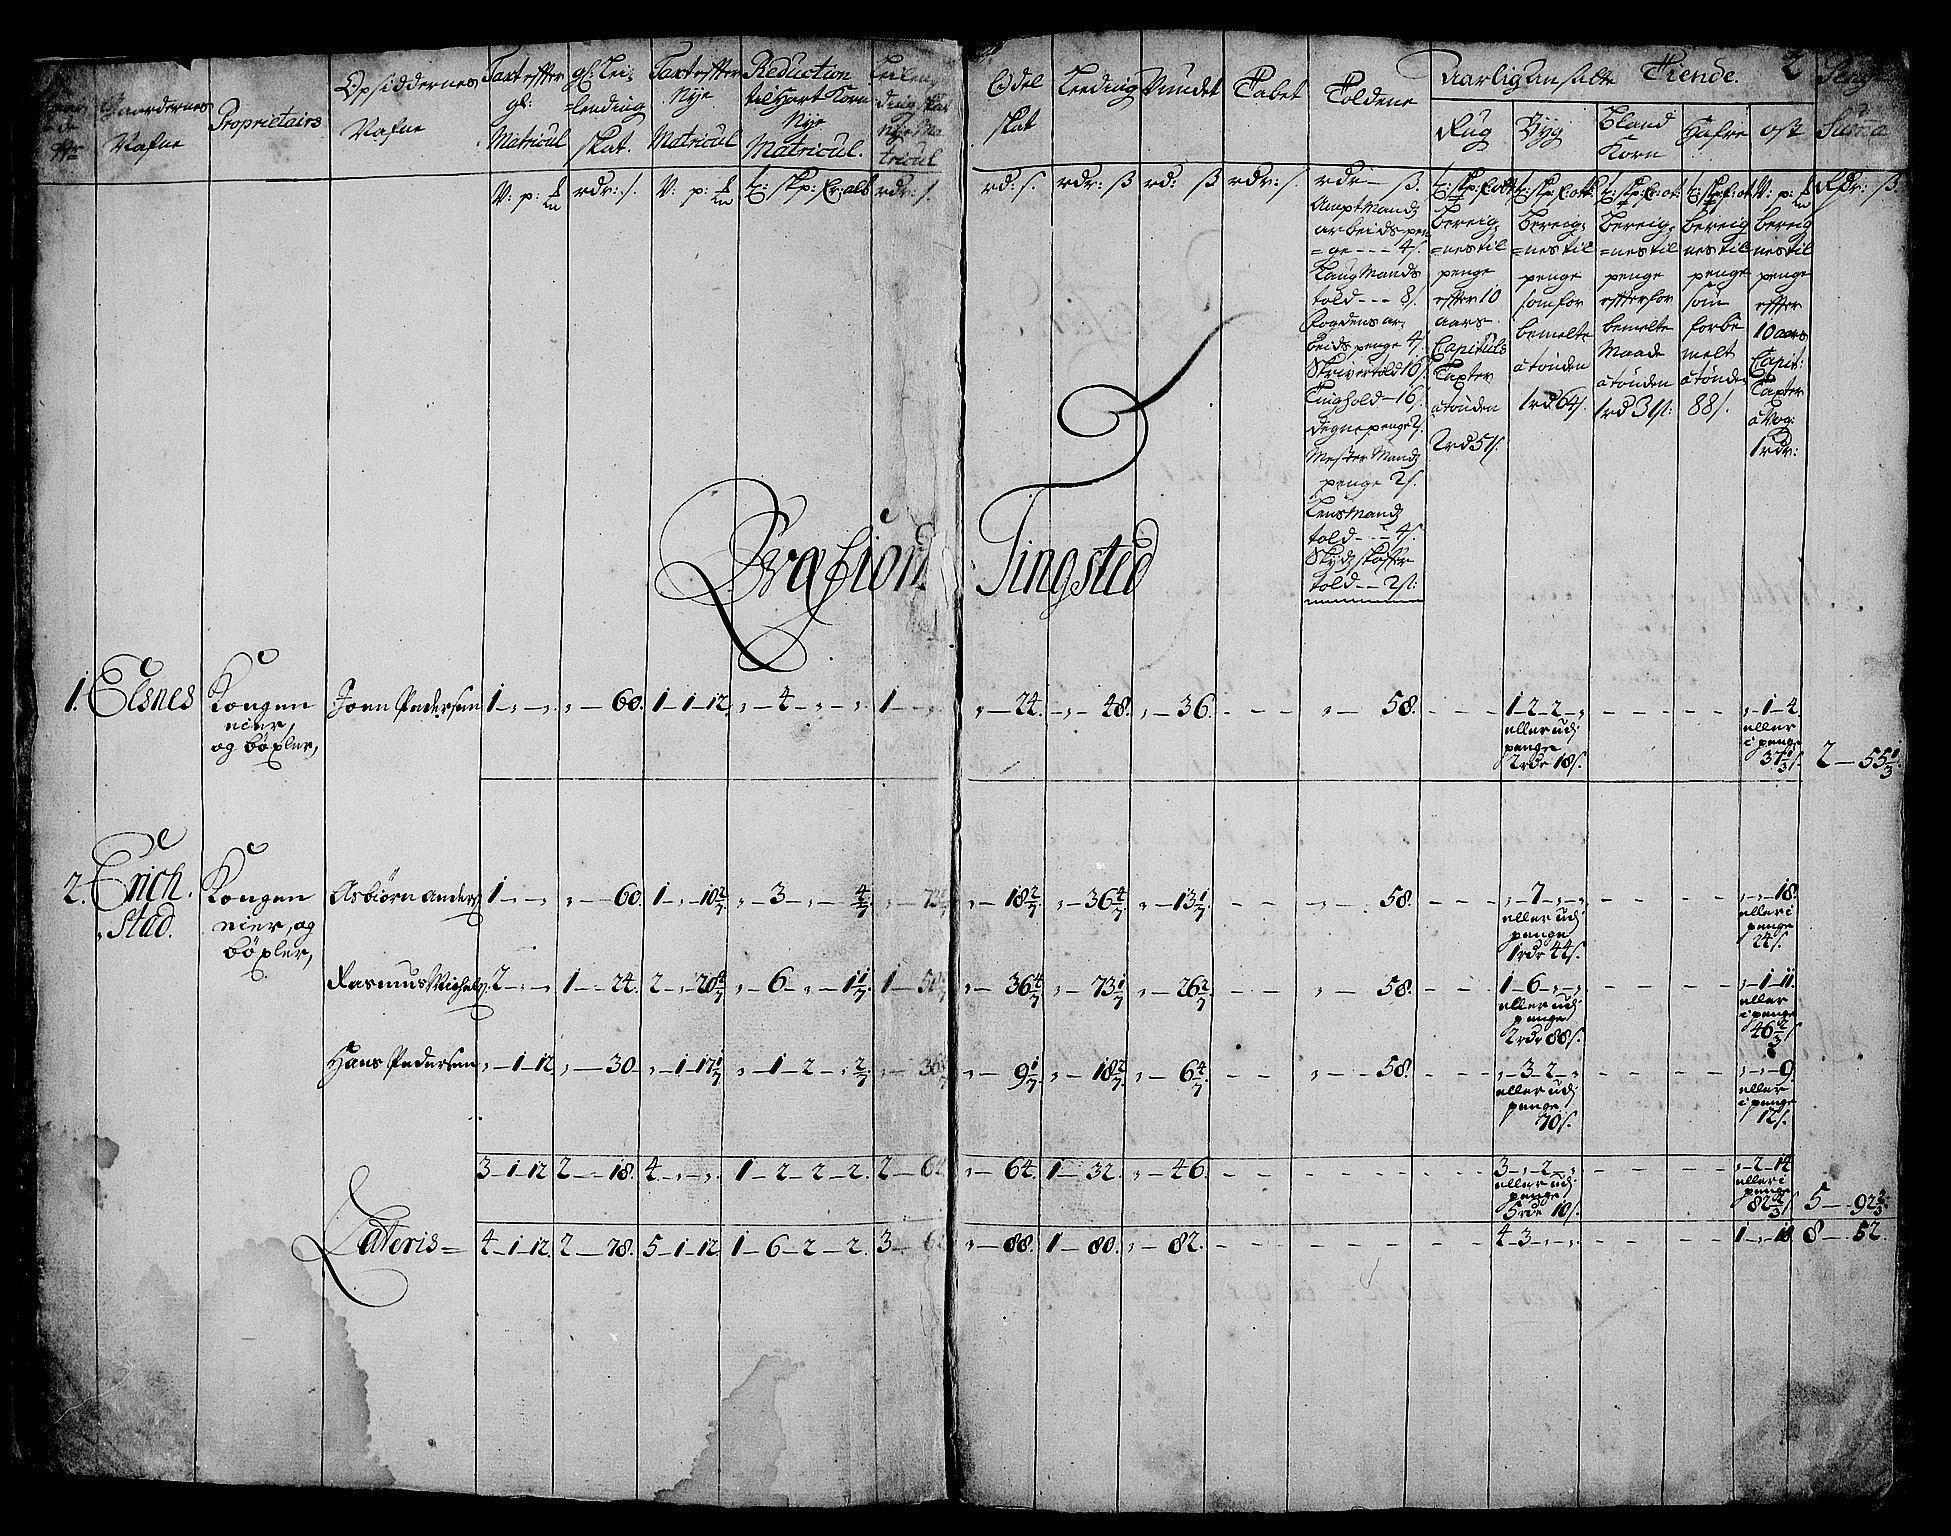 RA, Rentekammeret inntil 1814, Realistisk ordnet avdeling, N/Nb/Nbf/L0179: Senja matrikkelprotokoll, 1723, s. 1b-2a